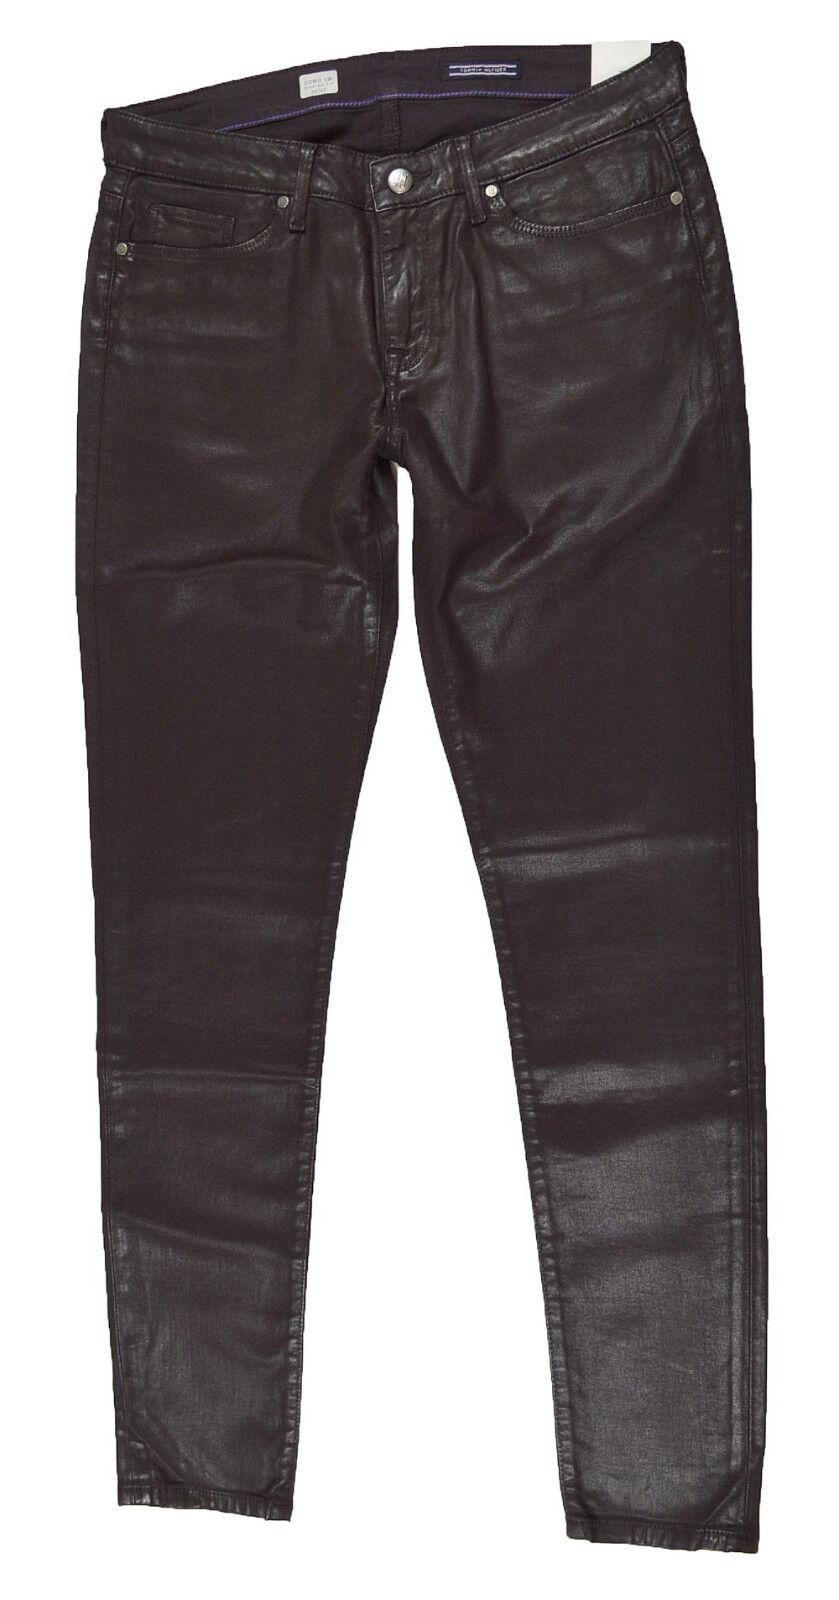 Tommy Hilfiger Como LW Minaj Jegging Fit W30L32 (30 30) Damen Jeans Hose 8-1337